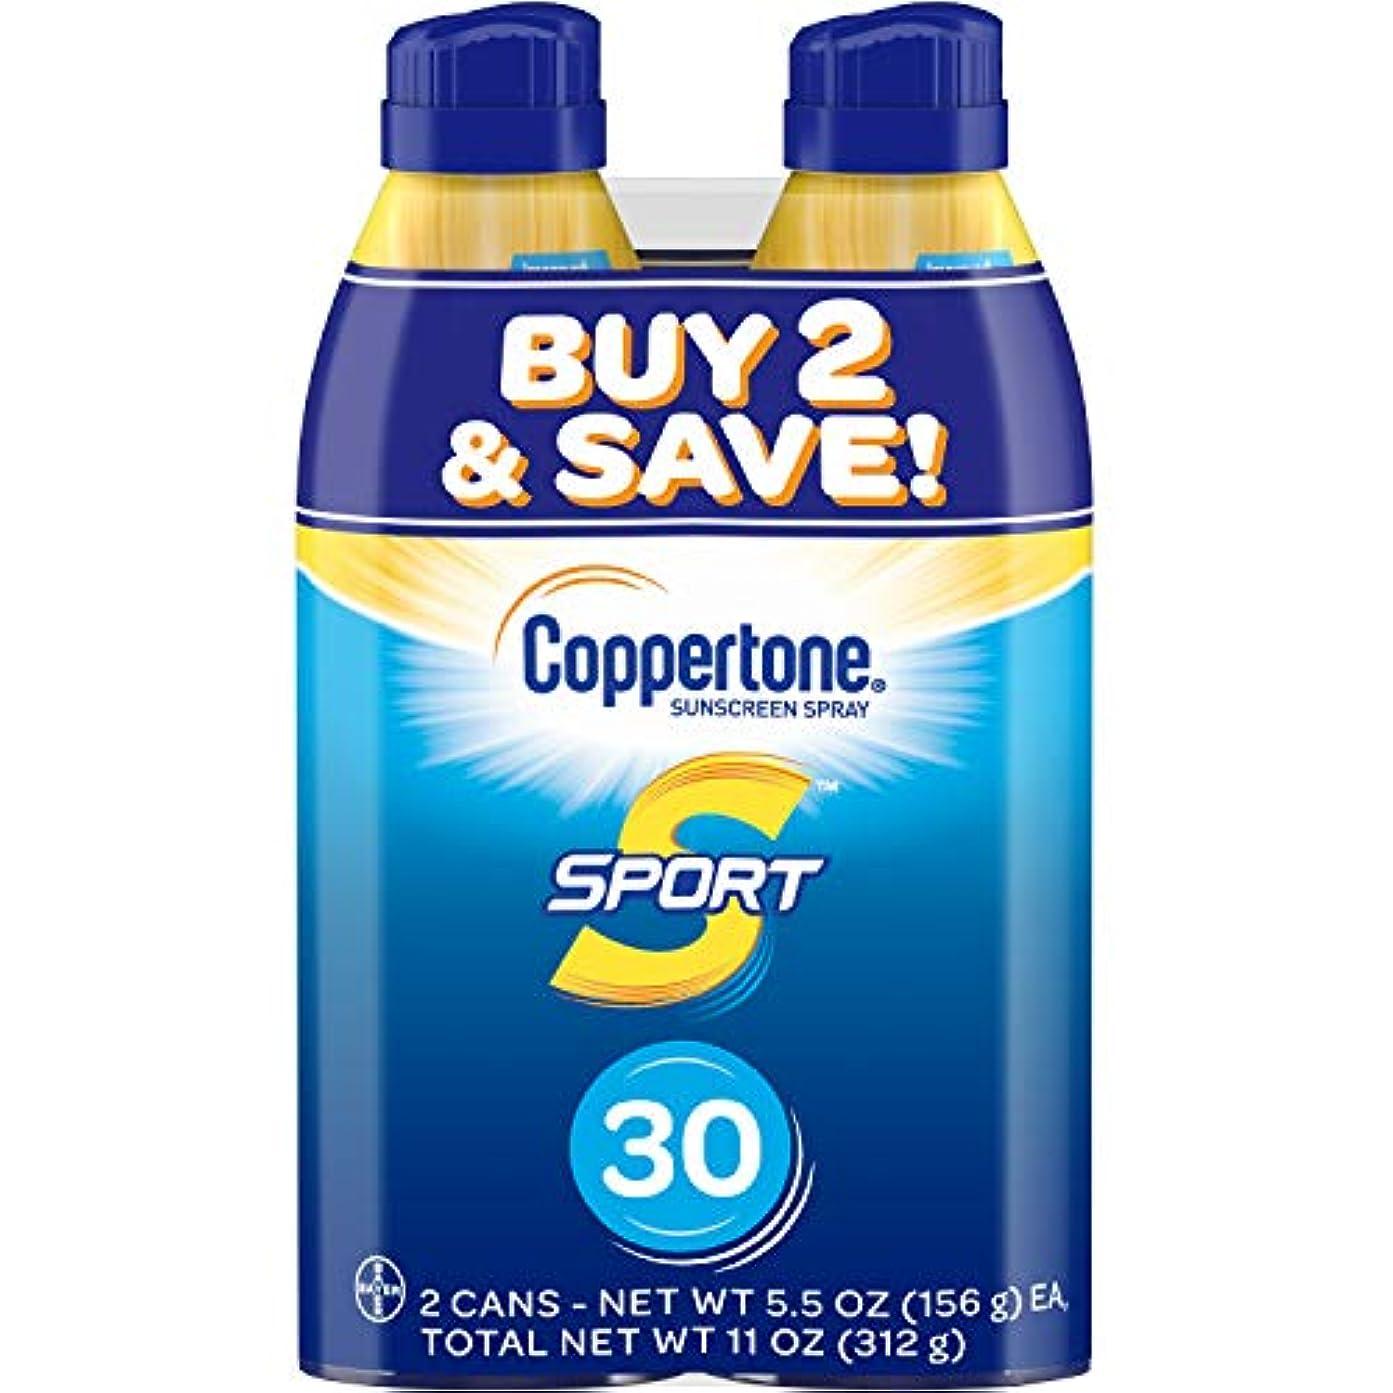 Coppertone スポーツ連写日焼け止め広域スペクトルSPFスプレー30(5.5オンスボトル、ツインパック)